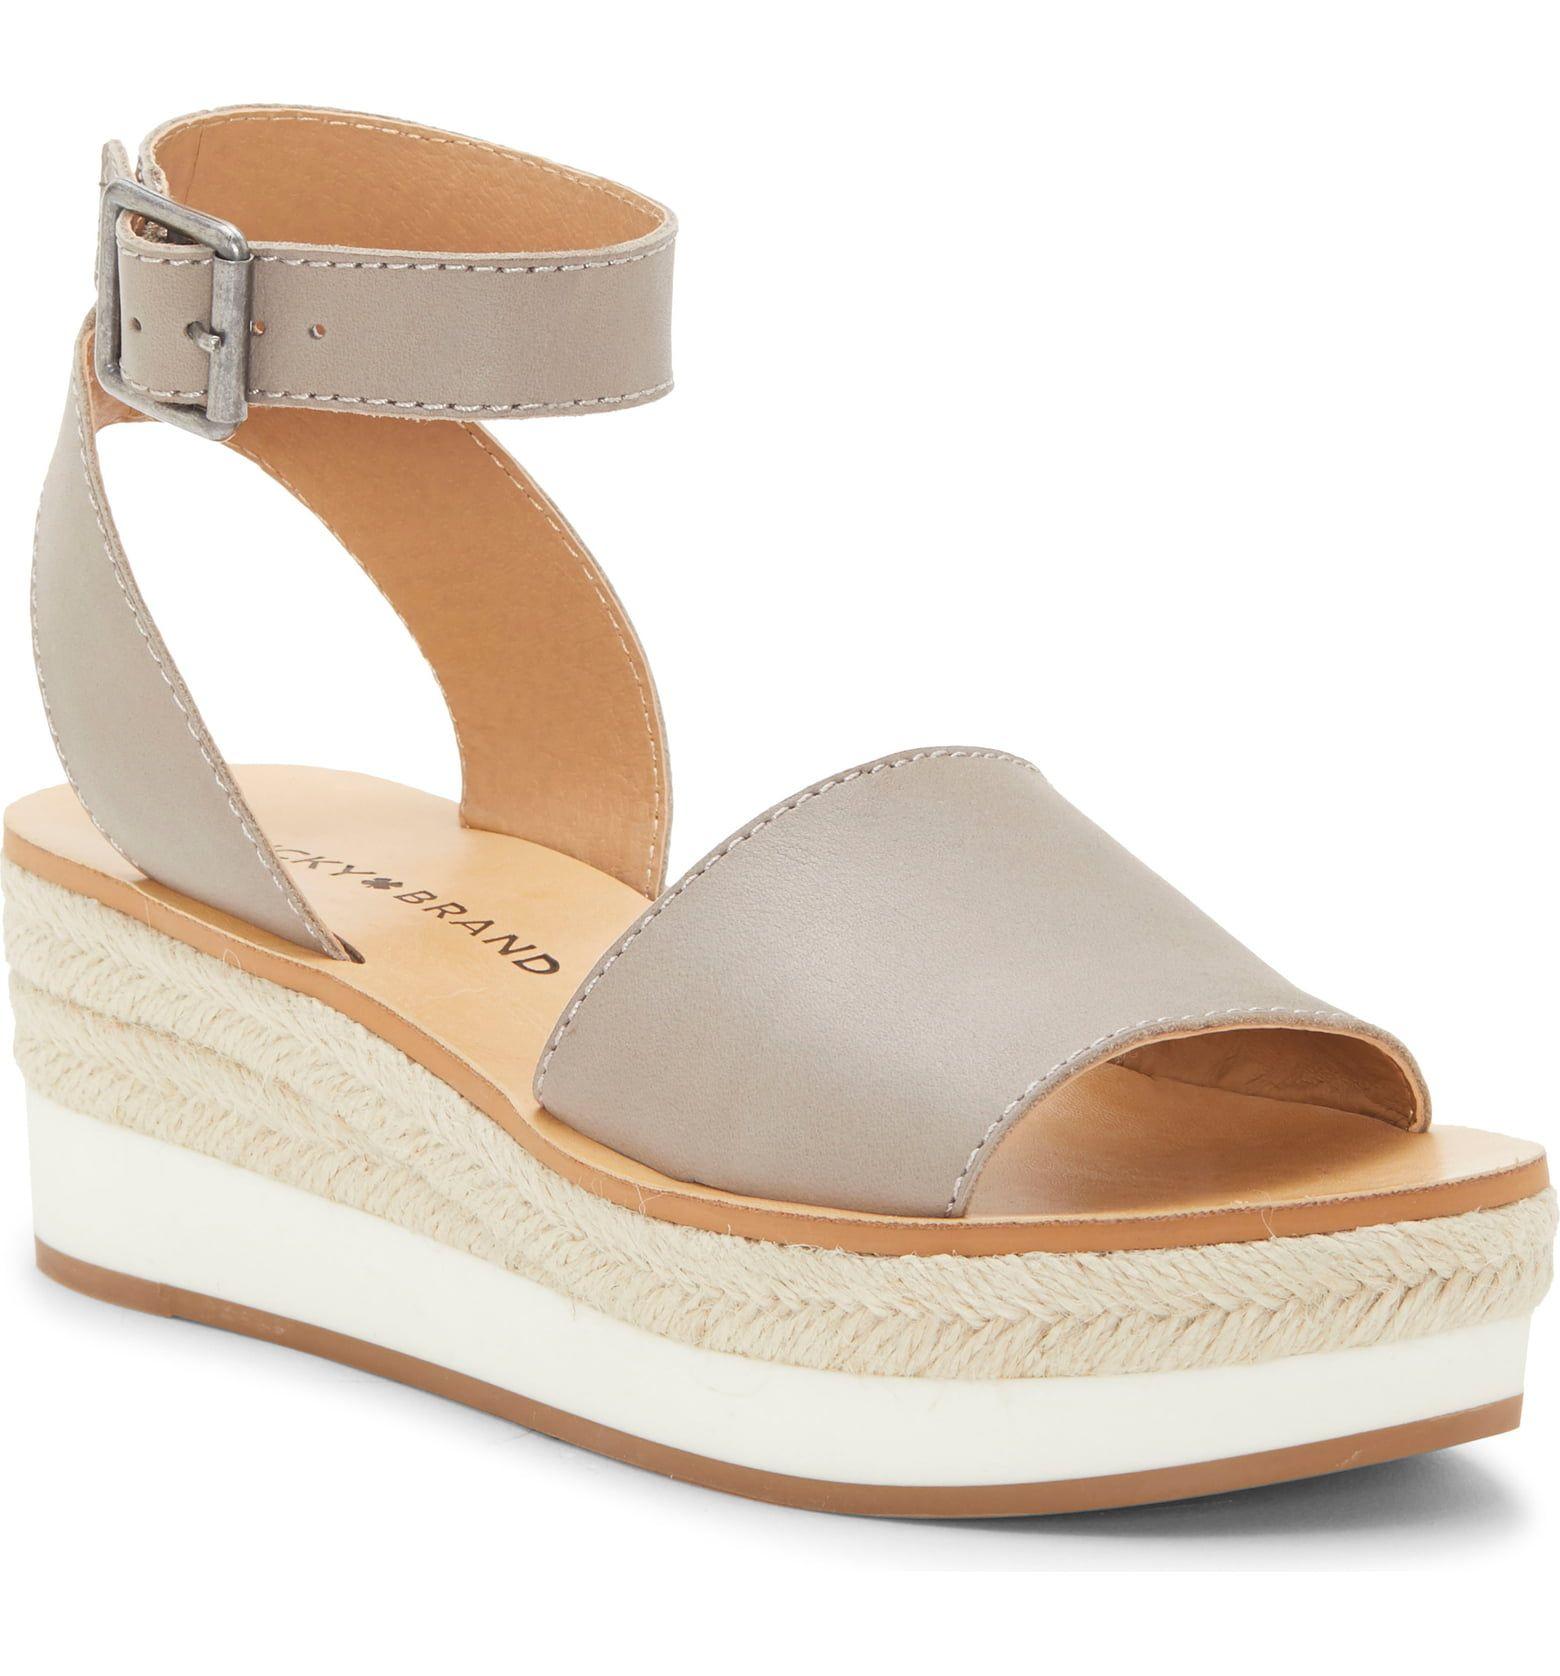 Leather espadrilles, Platform wedge sandals